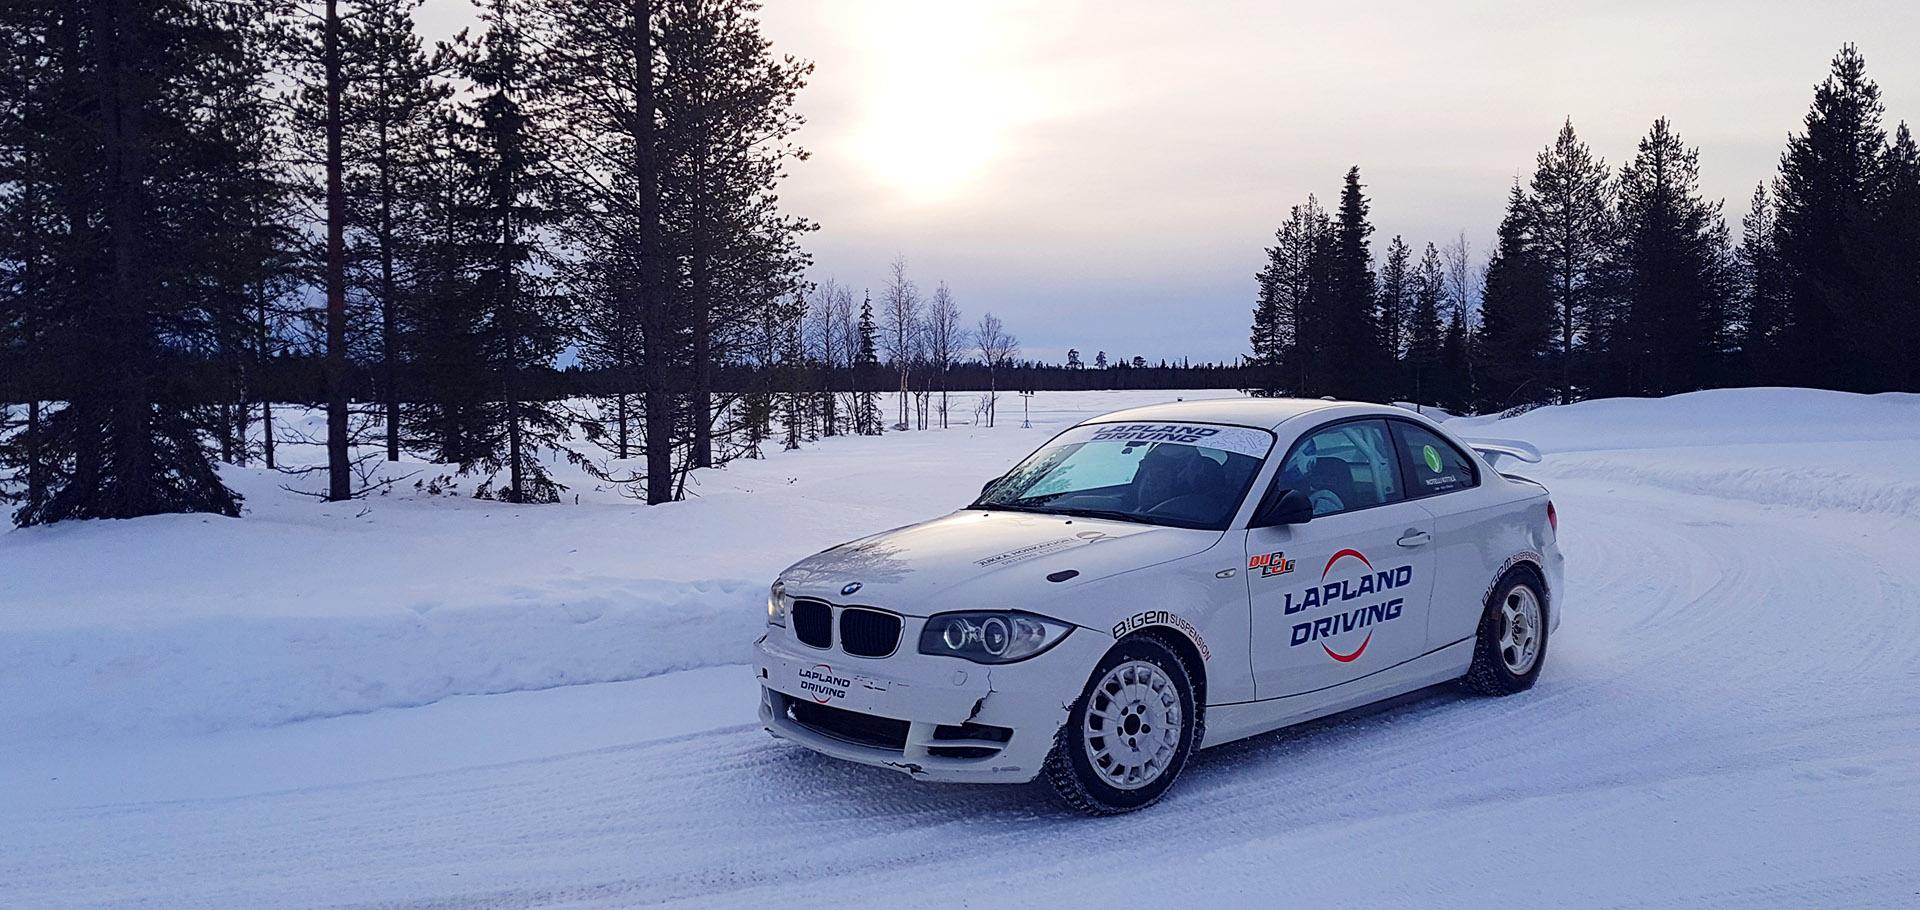 Laponia - rajd tuningowanymi sportowymi samochodami